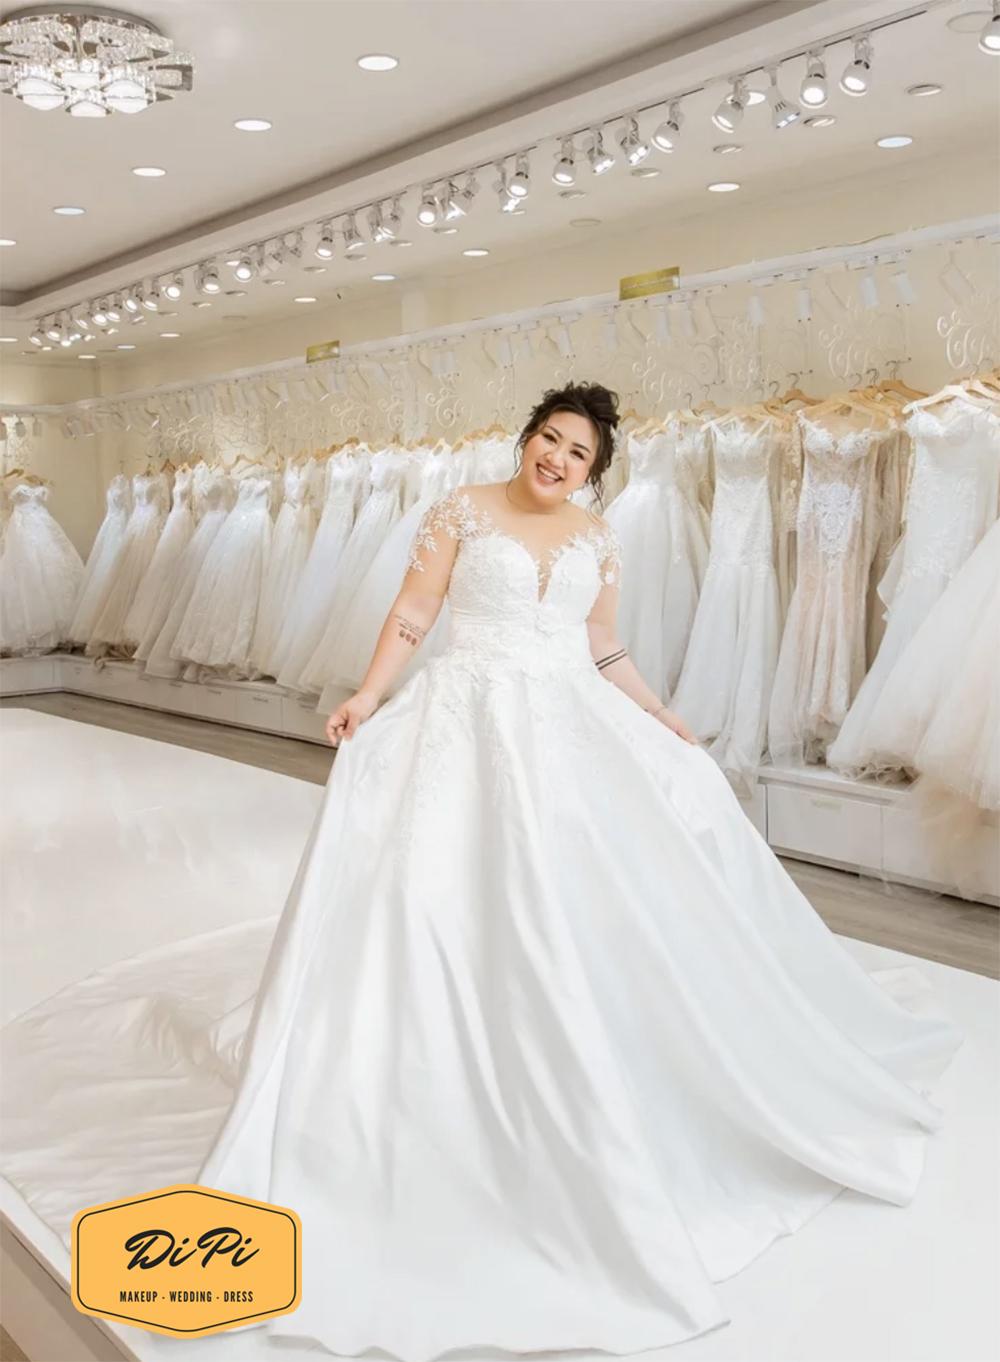 áo cưới cho bà bầu 9 tháng